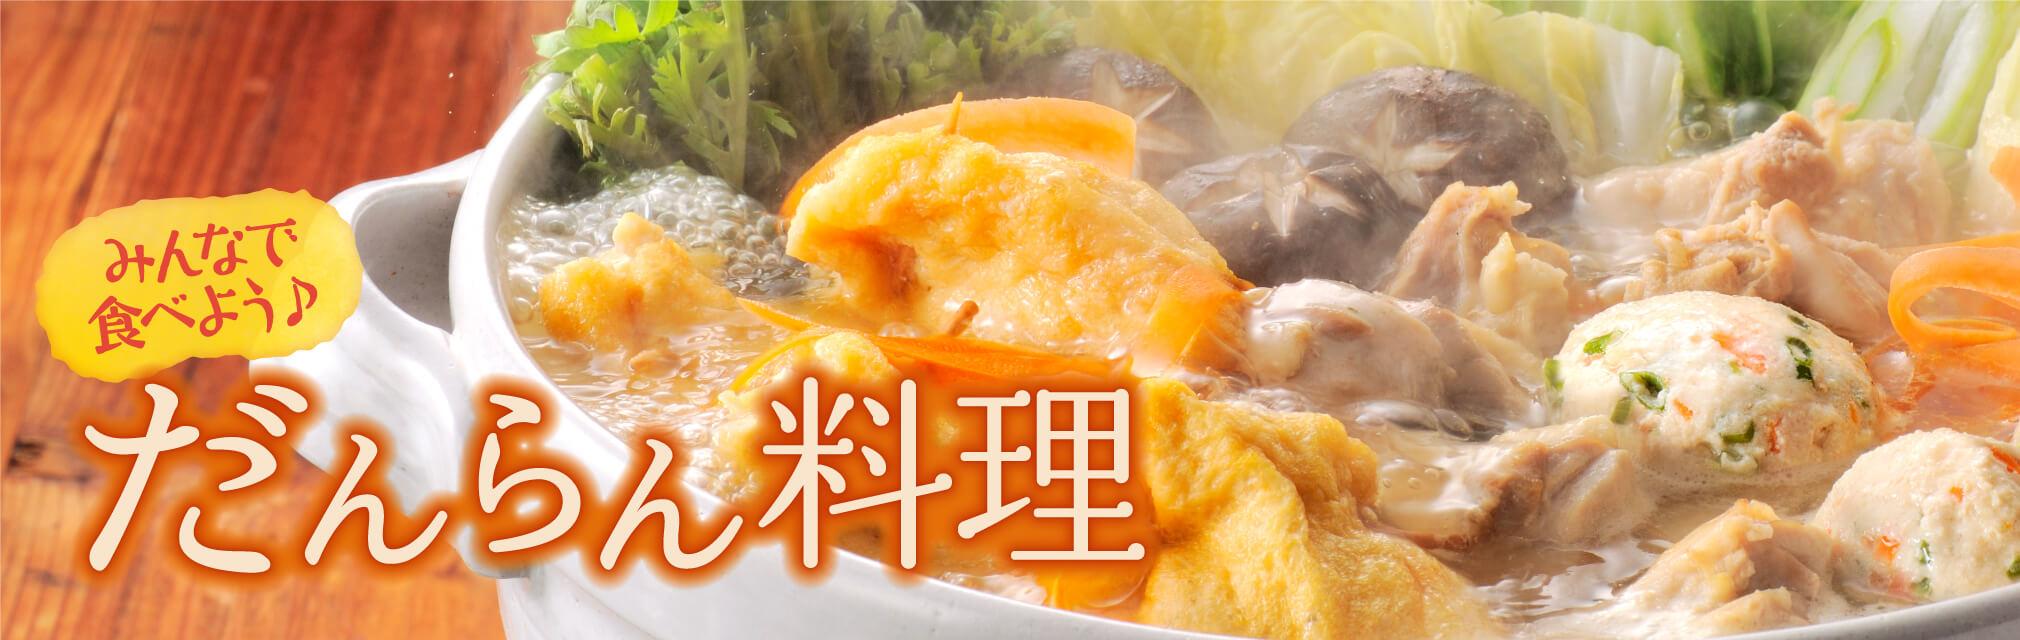 南国元気鶏のおすすめレシピ「蒸し鶏の地中海風サラダ」